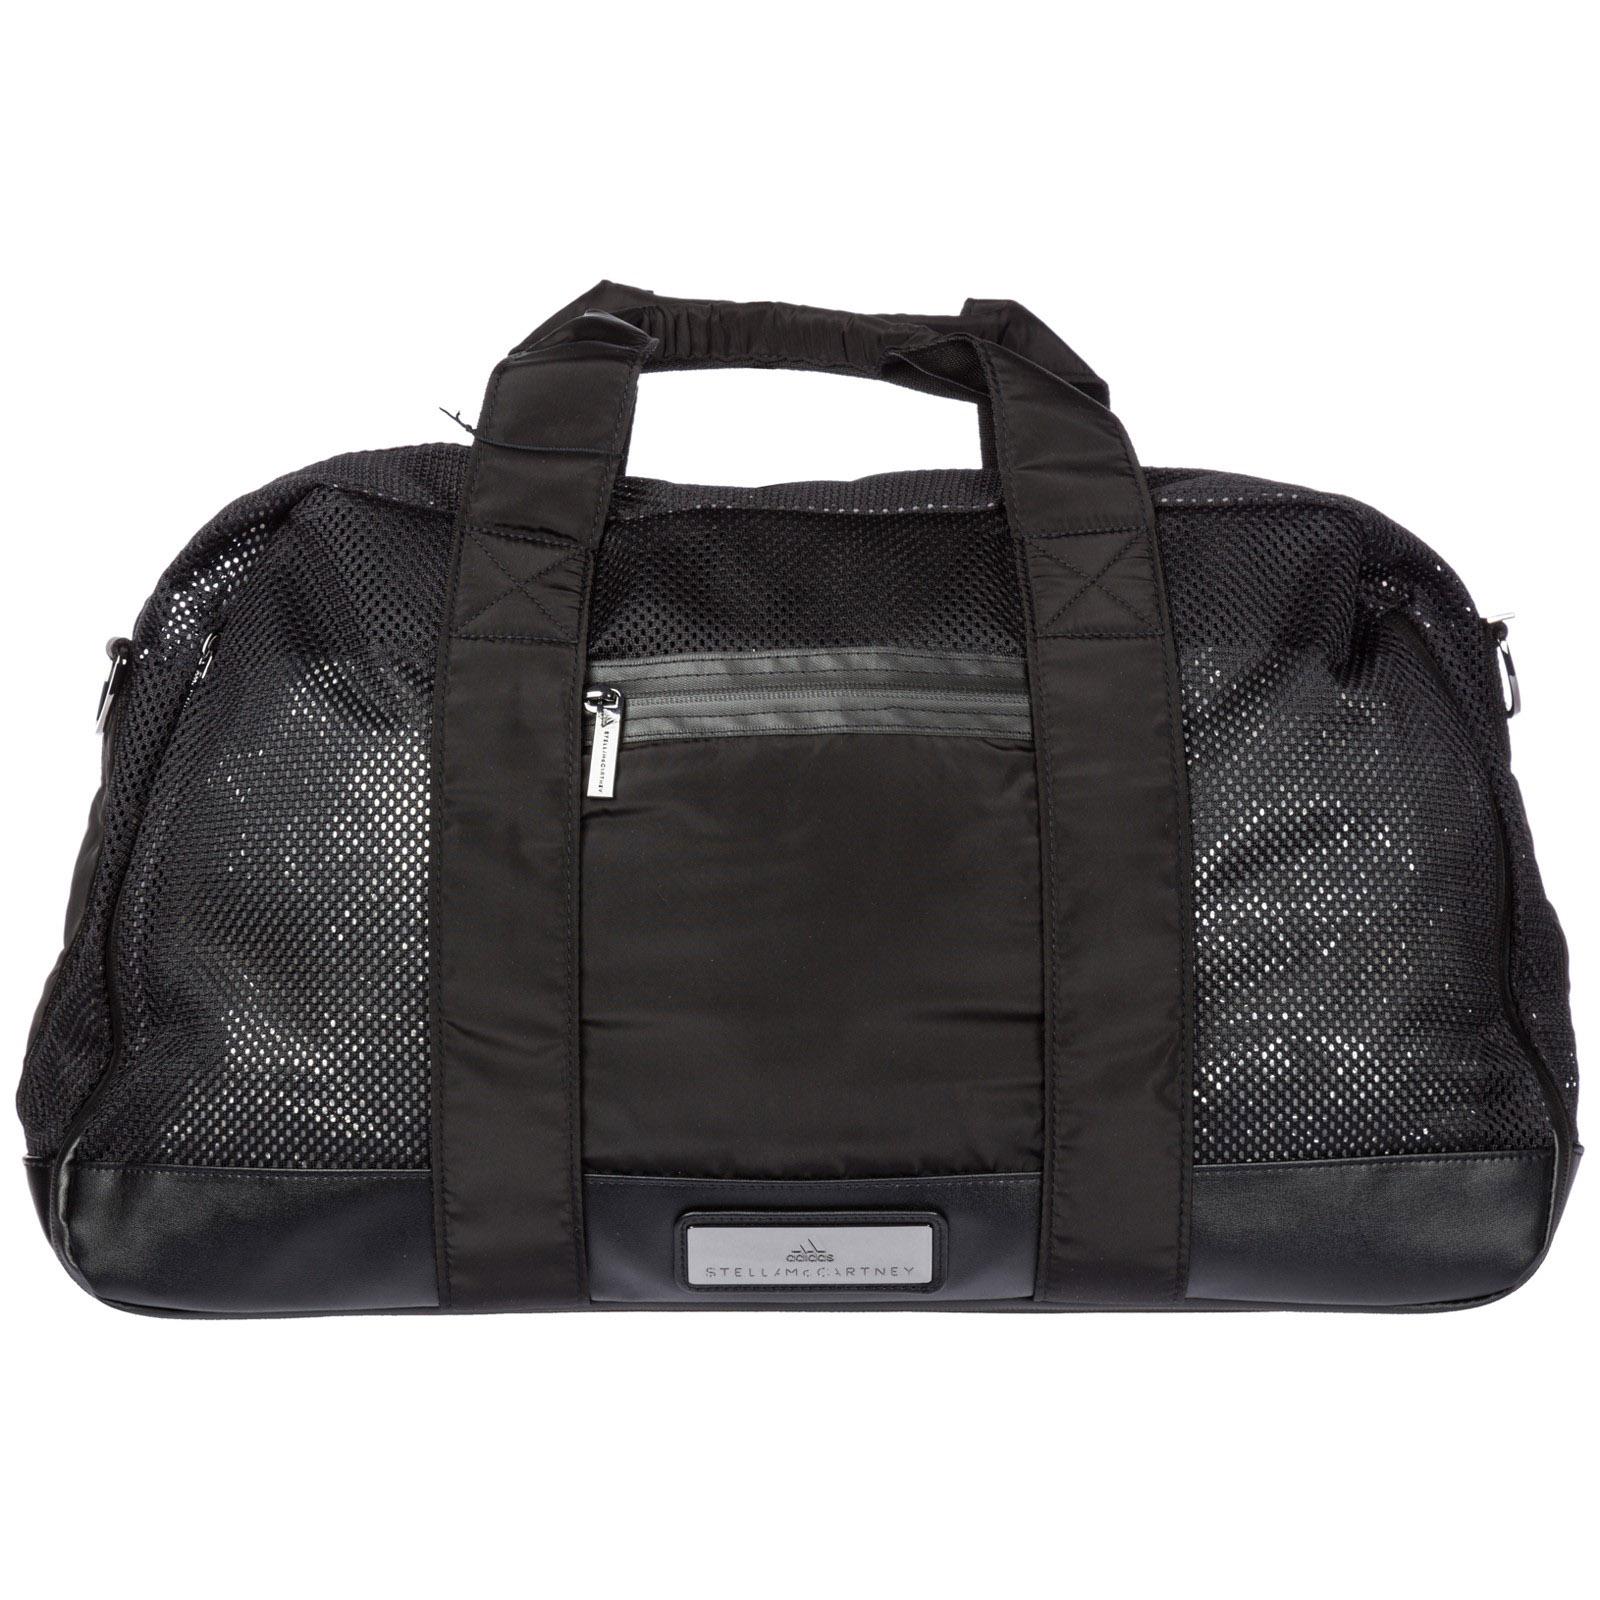 Stella Yoga Black A Dm3667 Tracolla Mccartney By Adidas Borsa FqYI1TwB